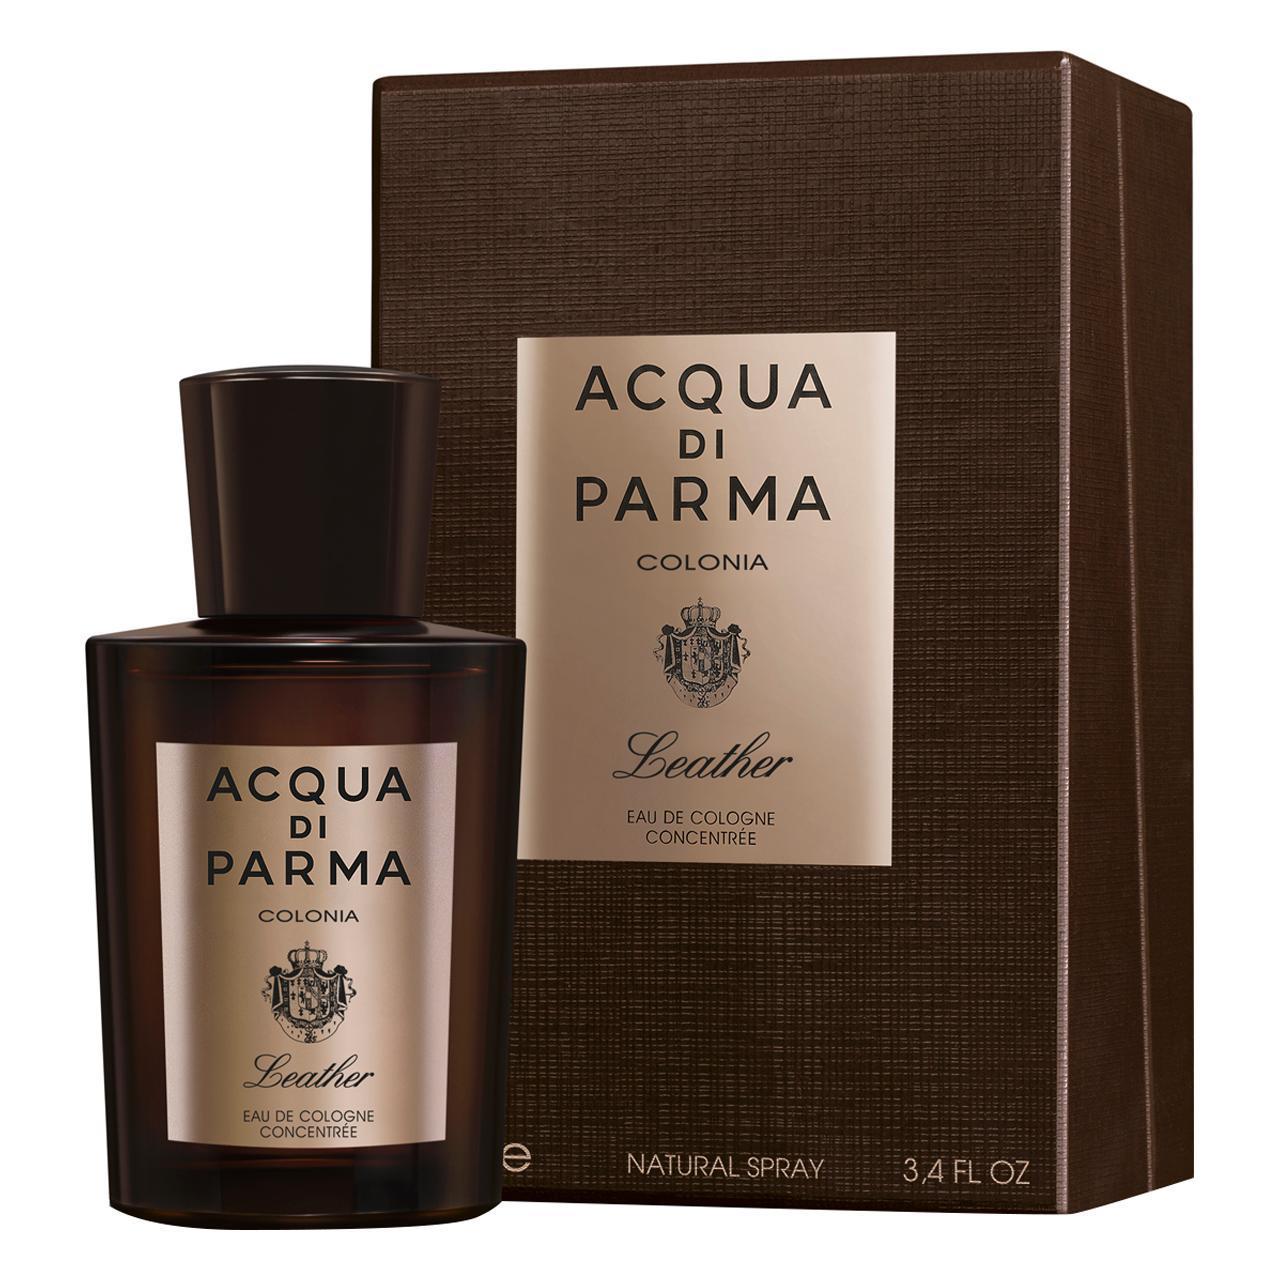 Acqua di Parma Colonia Leather Eau De Cologne Concentrée 100ml - £53 and other Fragrance Deals at Fabled (Marie Claire)